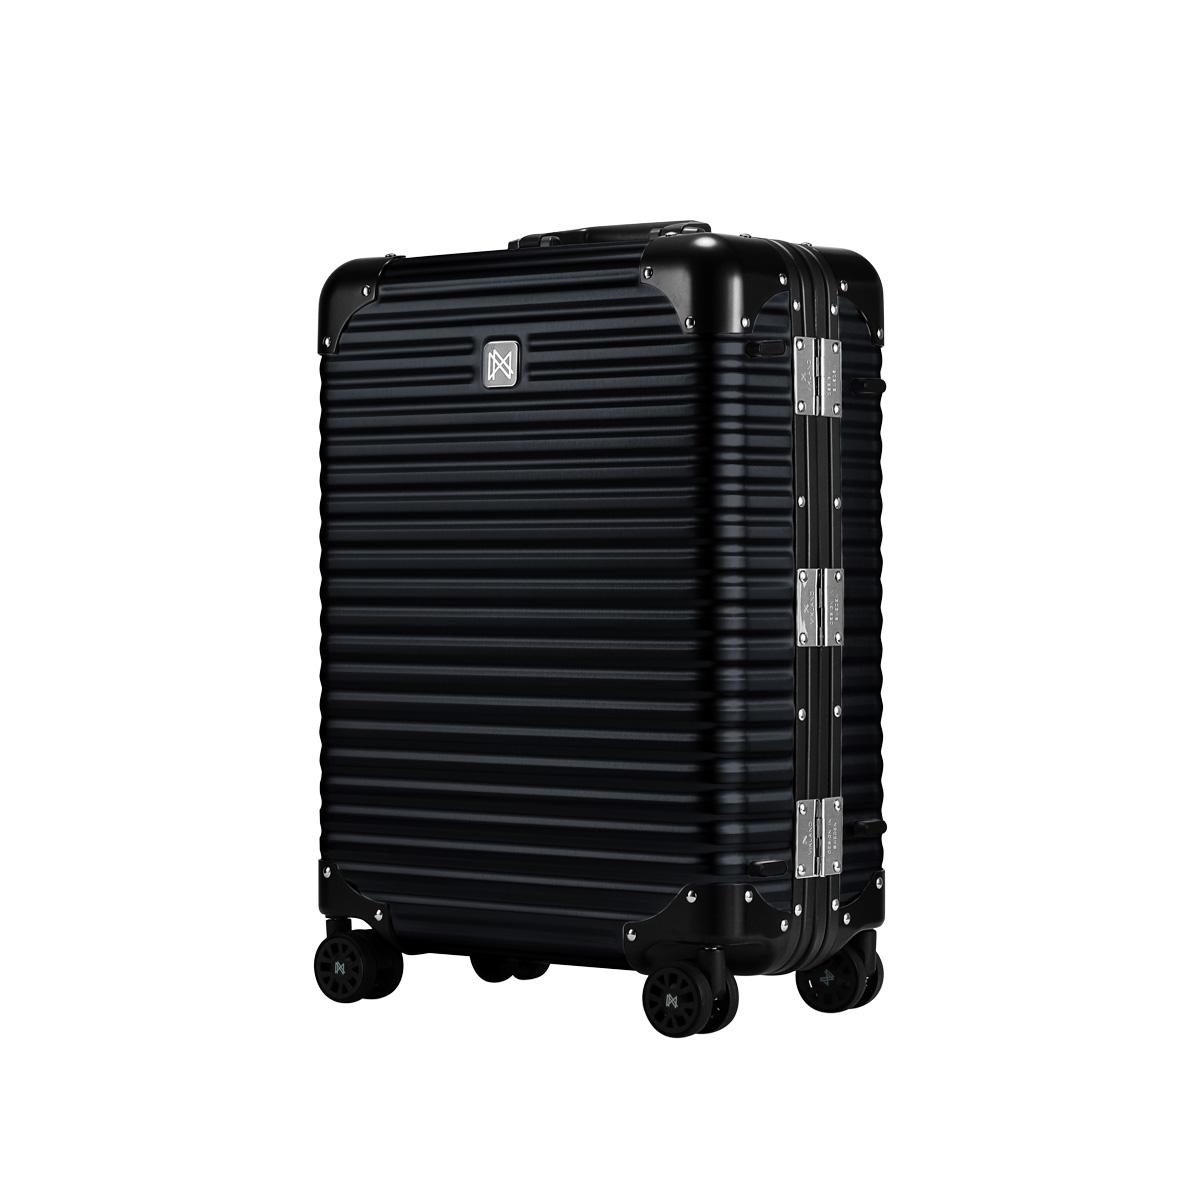 LANZZO NORMAN ランツォ スーツケース キャリーケース キャリーバッグ メンズ レディース 重さ:3600g ブラック グレー ゴールド シルバー 黒 LANZ-621